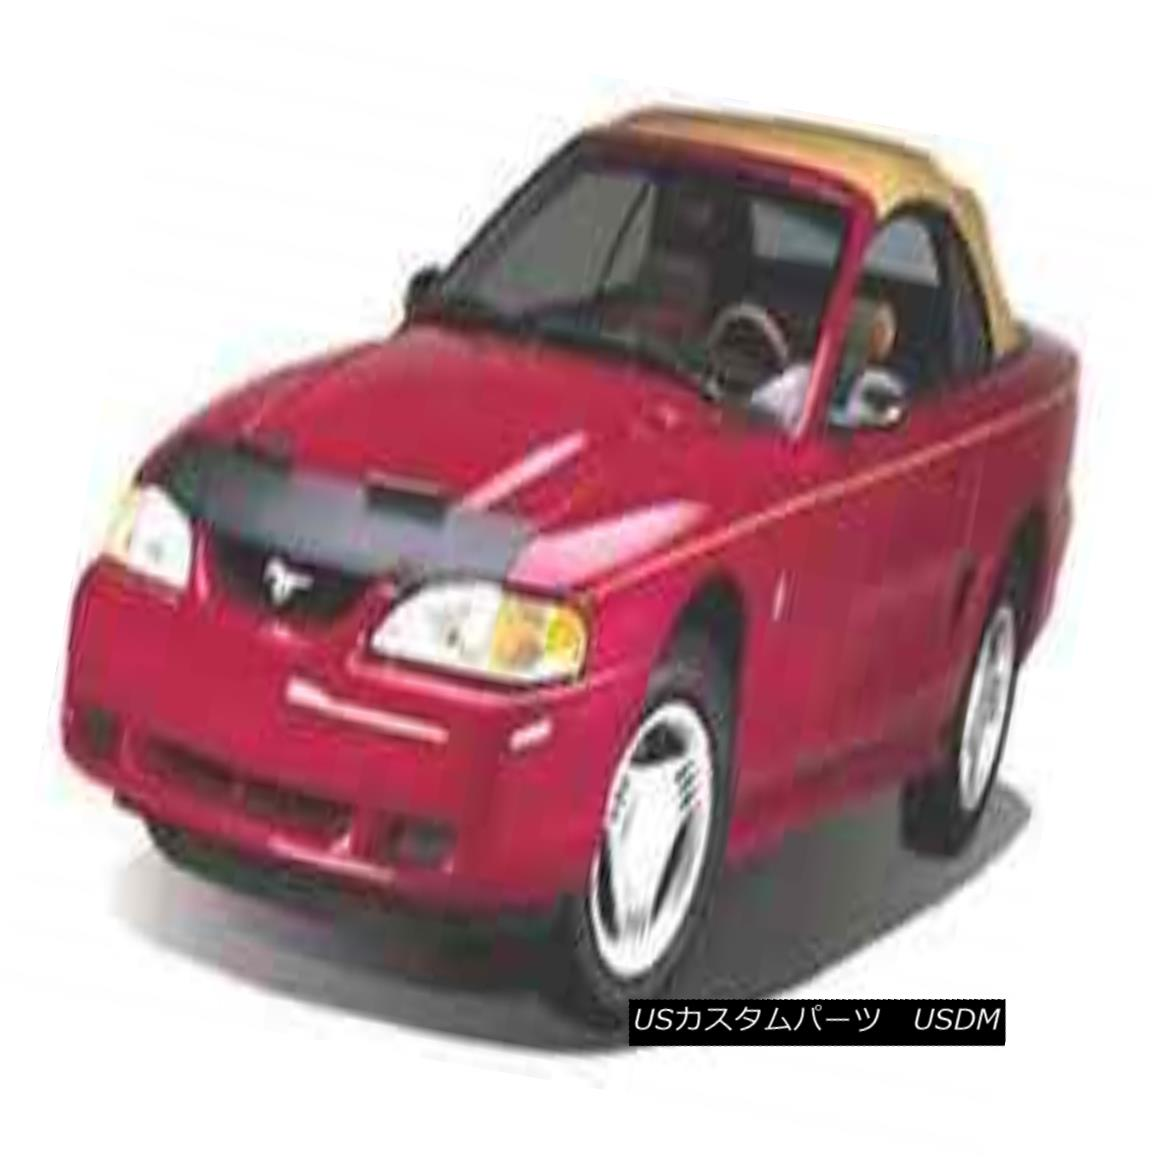 フルブラ ノーズブラ Mini Mask Bra Hood cover Fits Honda Accord 2008 2009 10 4dr ミニマスクブラジャーフードカバーHonda Accord 2008 2009 10 4dr